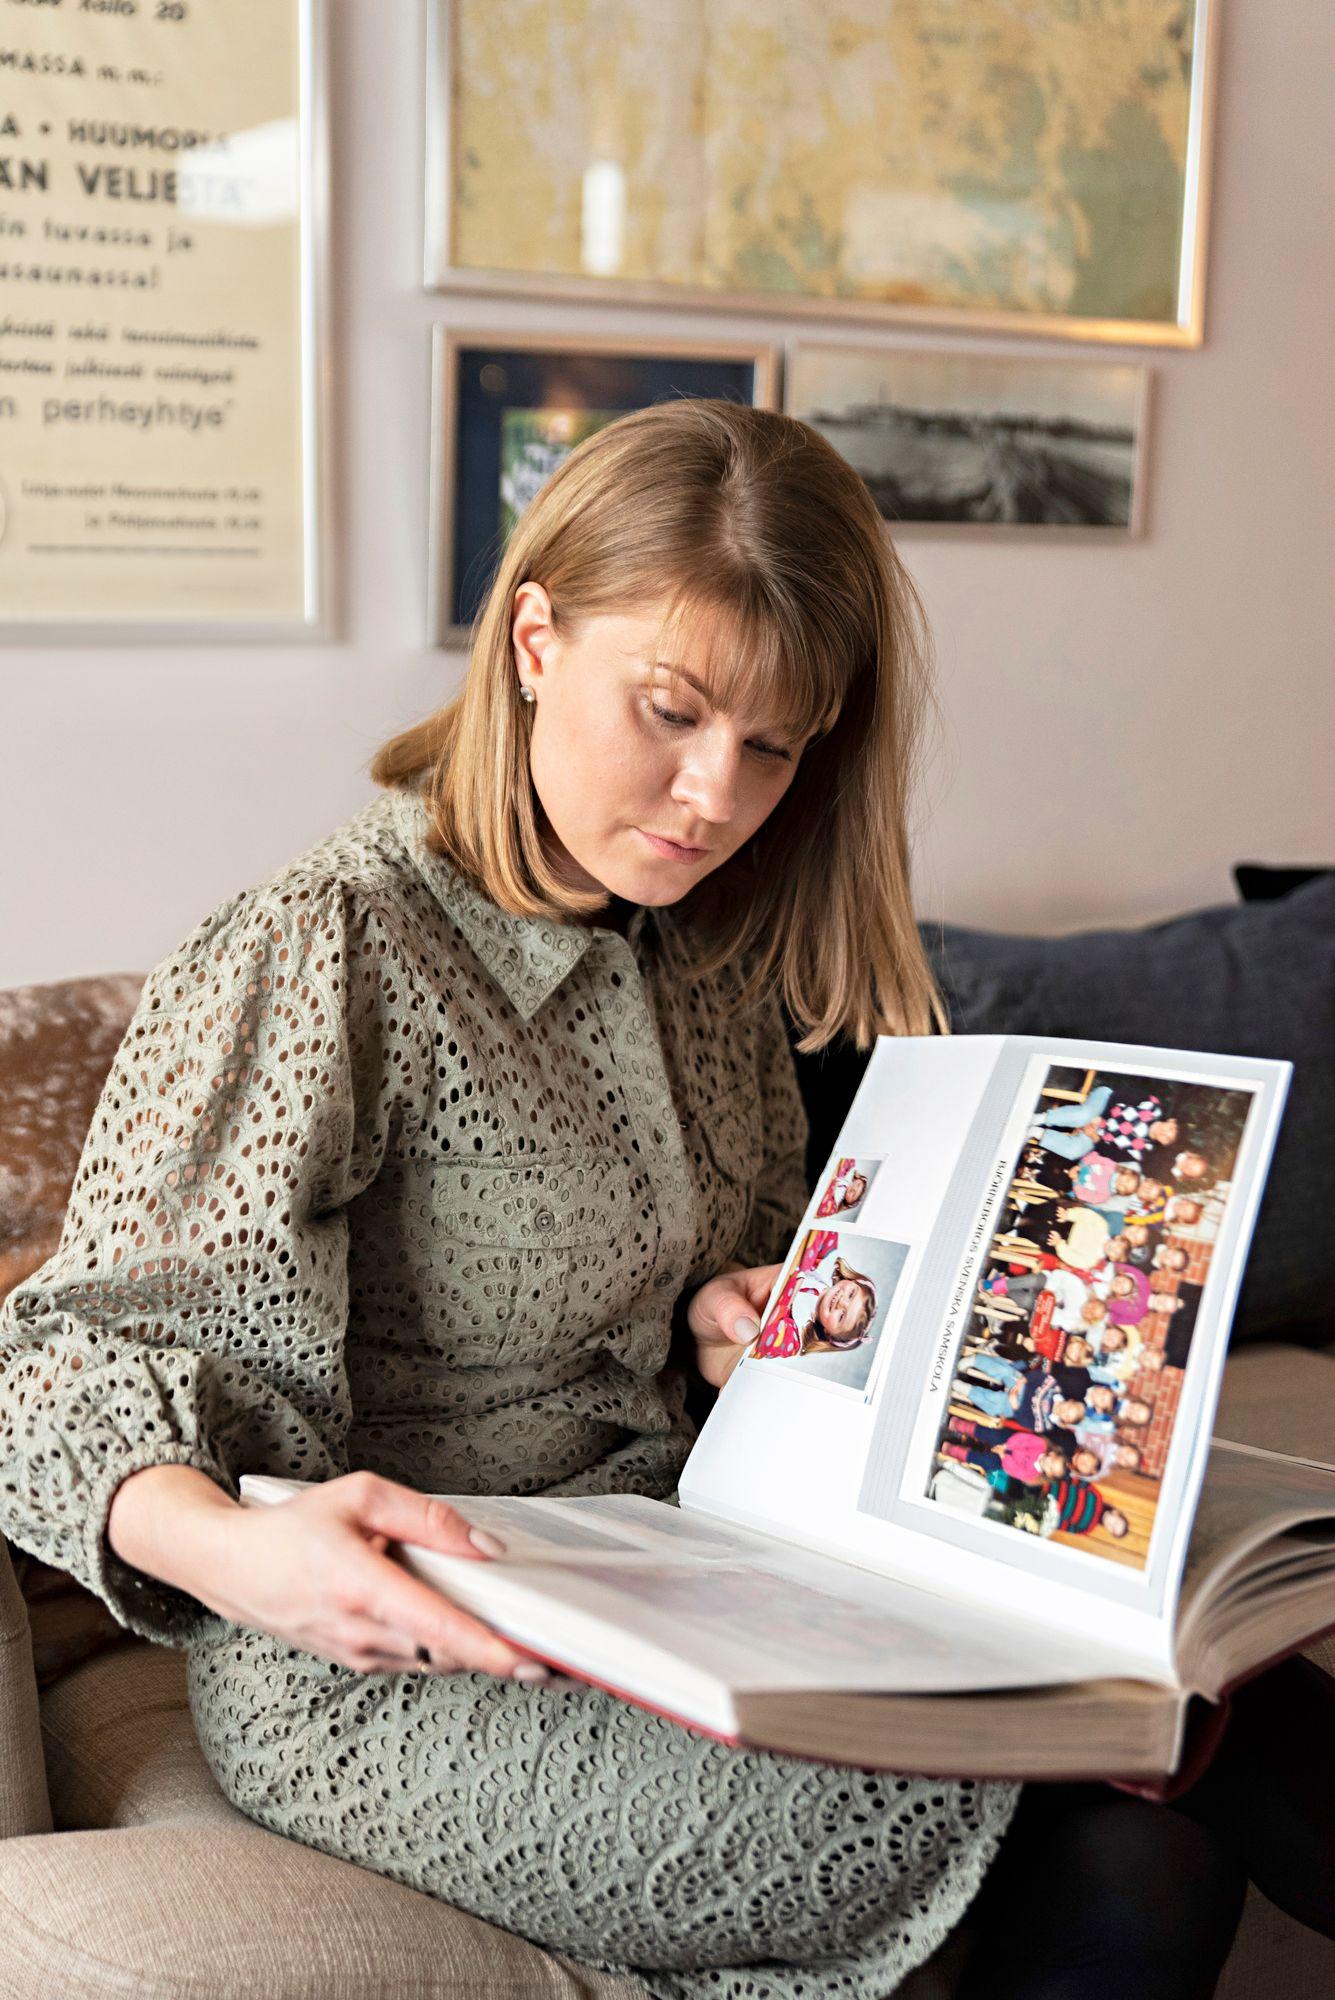 """Tähänastista elämäänsä muistellessaan Carla Björndahl on oivaltanut, että hän ei horju helposti. """"Löydän ratkaisun. Olen oppinut myös sen, että tietyissä tilanteissa pitää harrastaa tervettä itsekkyyttä."""" © Aku Ratsula"""